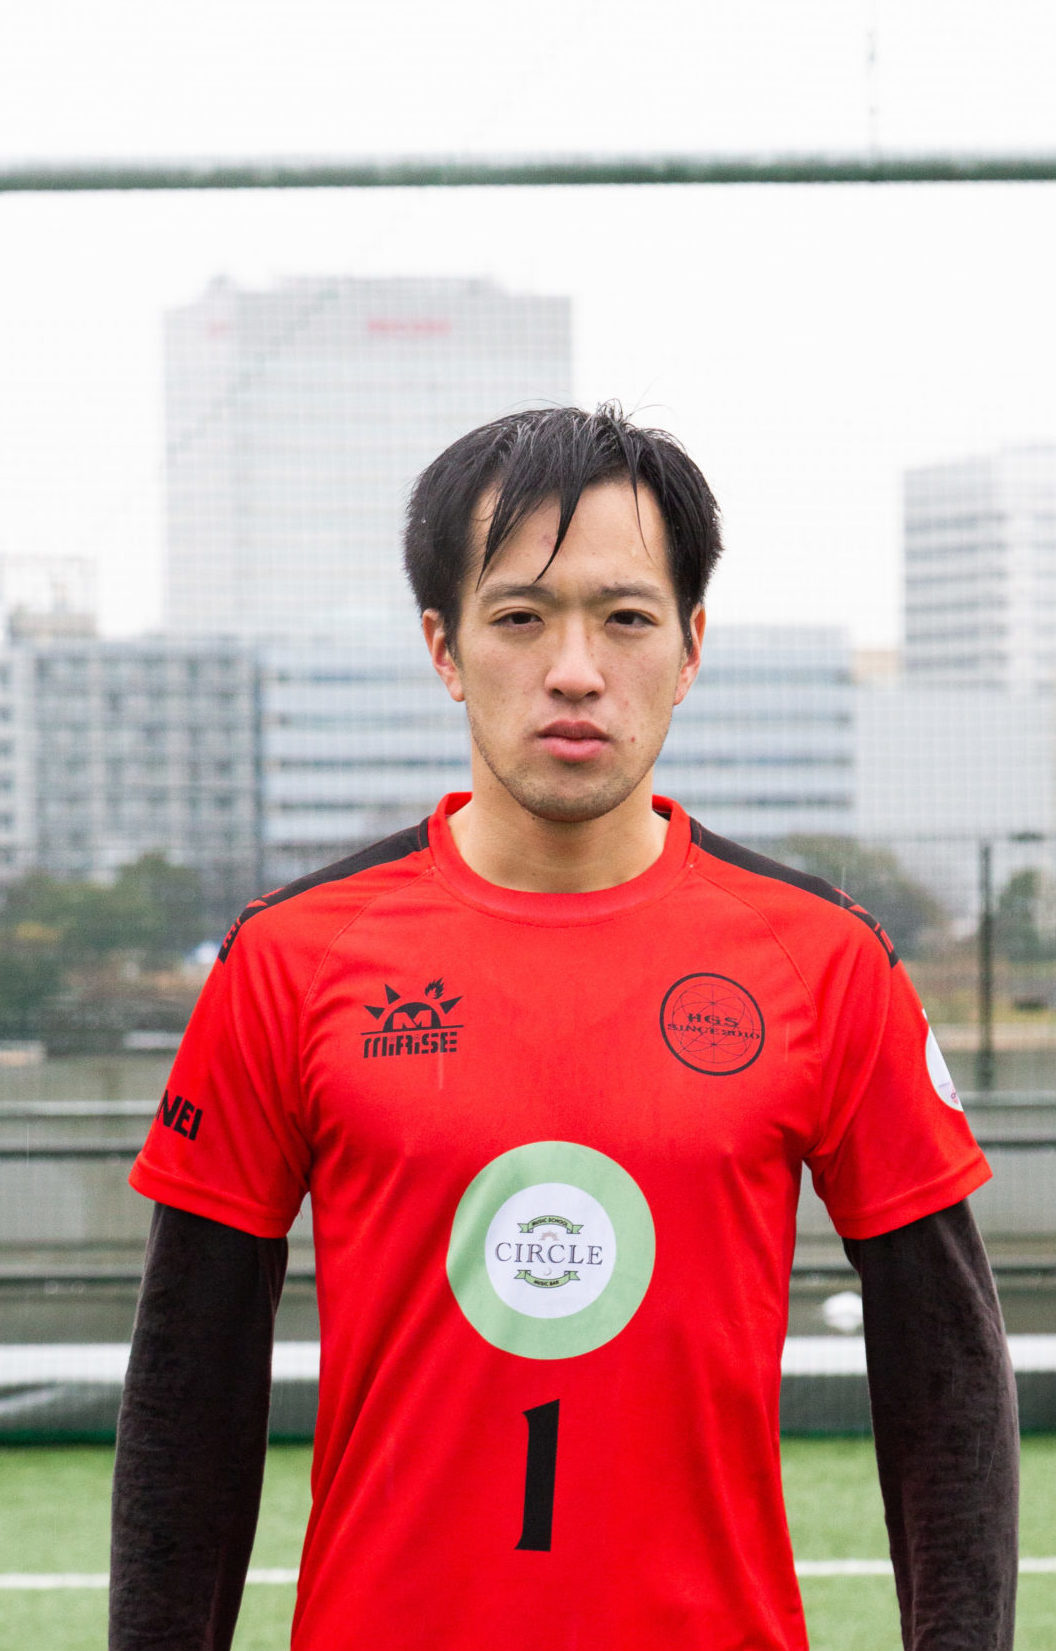 藤田 宏樹